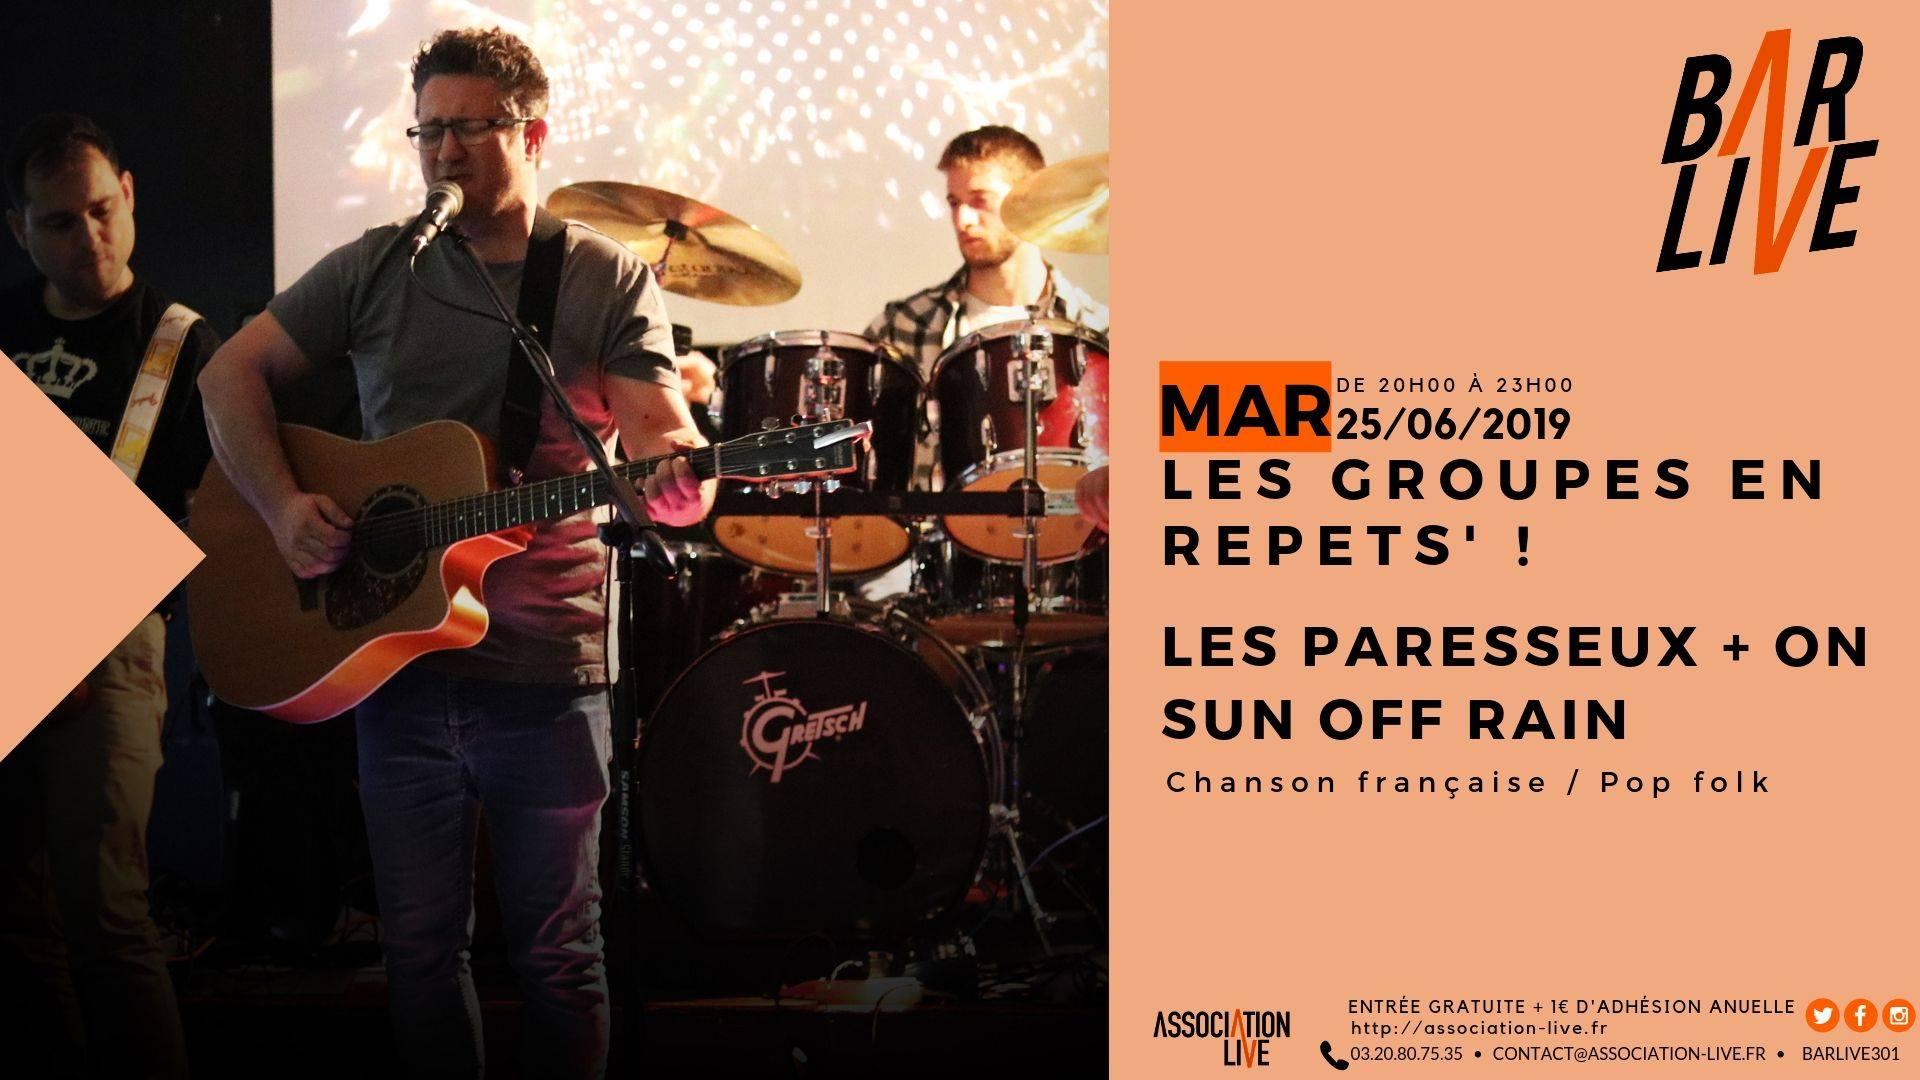 Les groupes en Répéts ! Les Paresseux + On Sun Off Rain